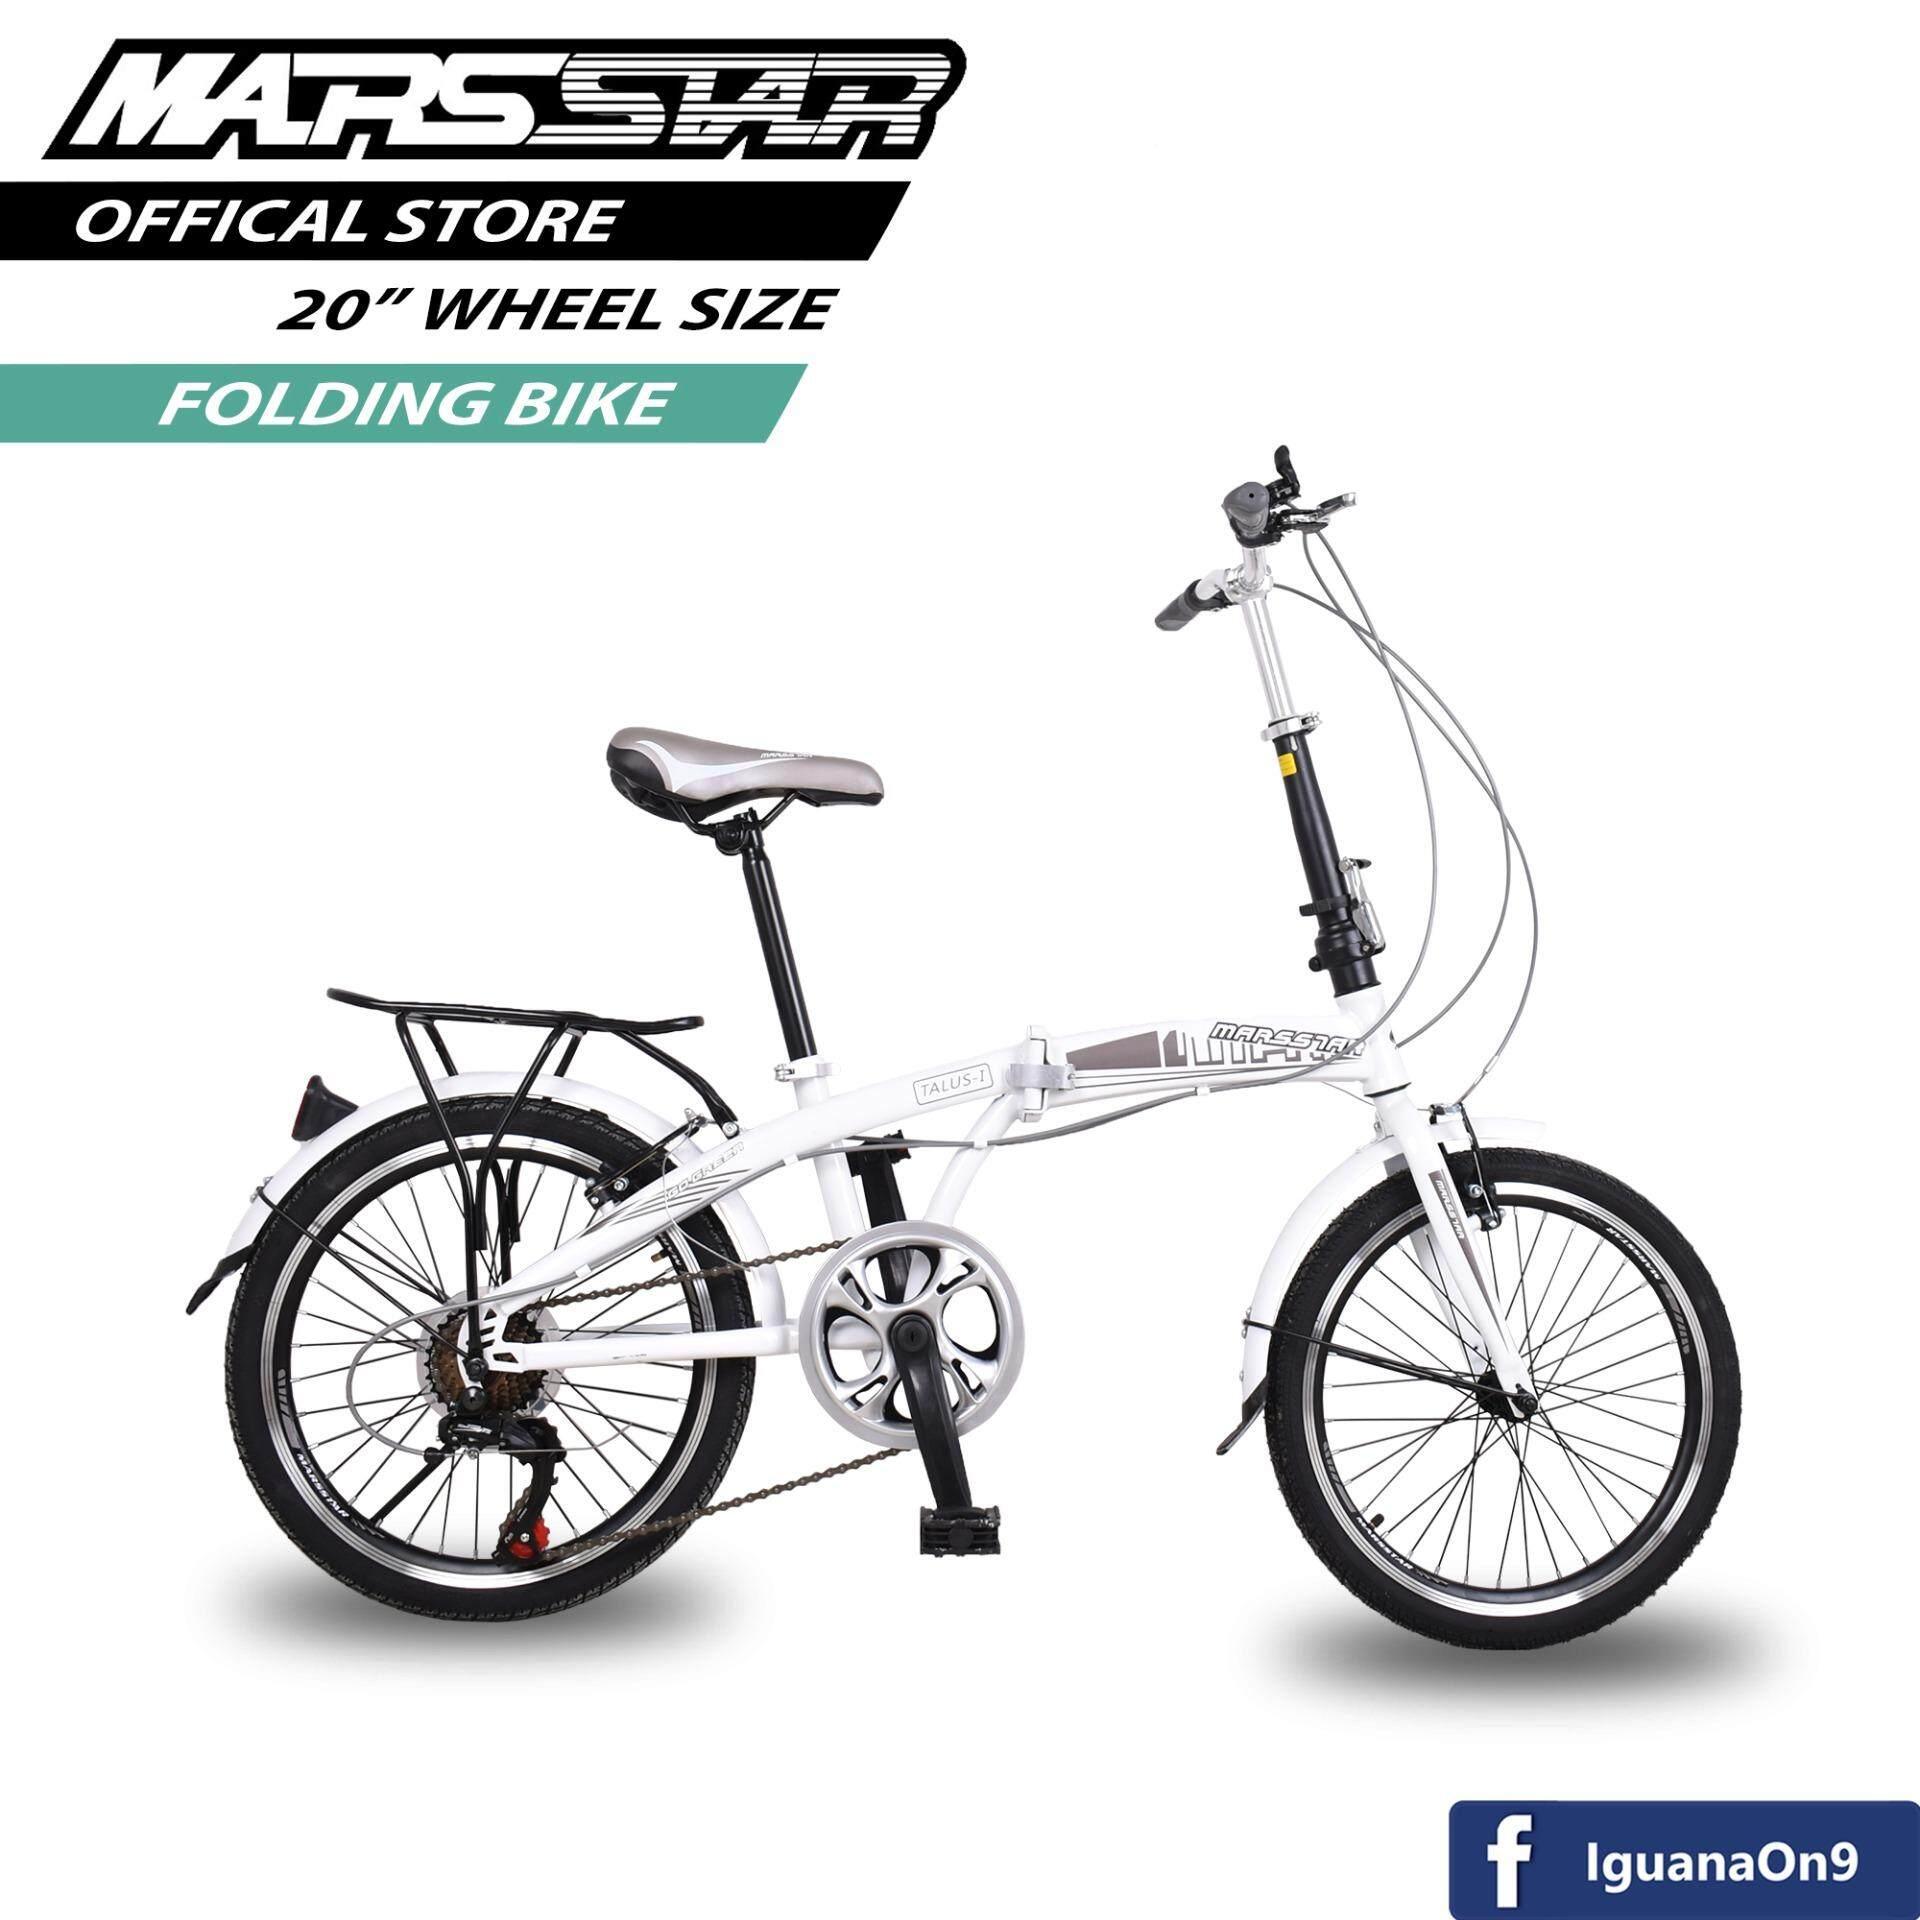 MARSSTAR 20